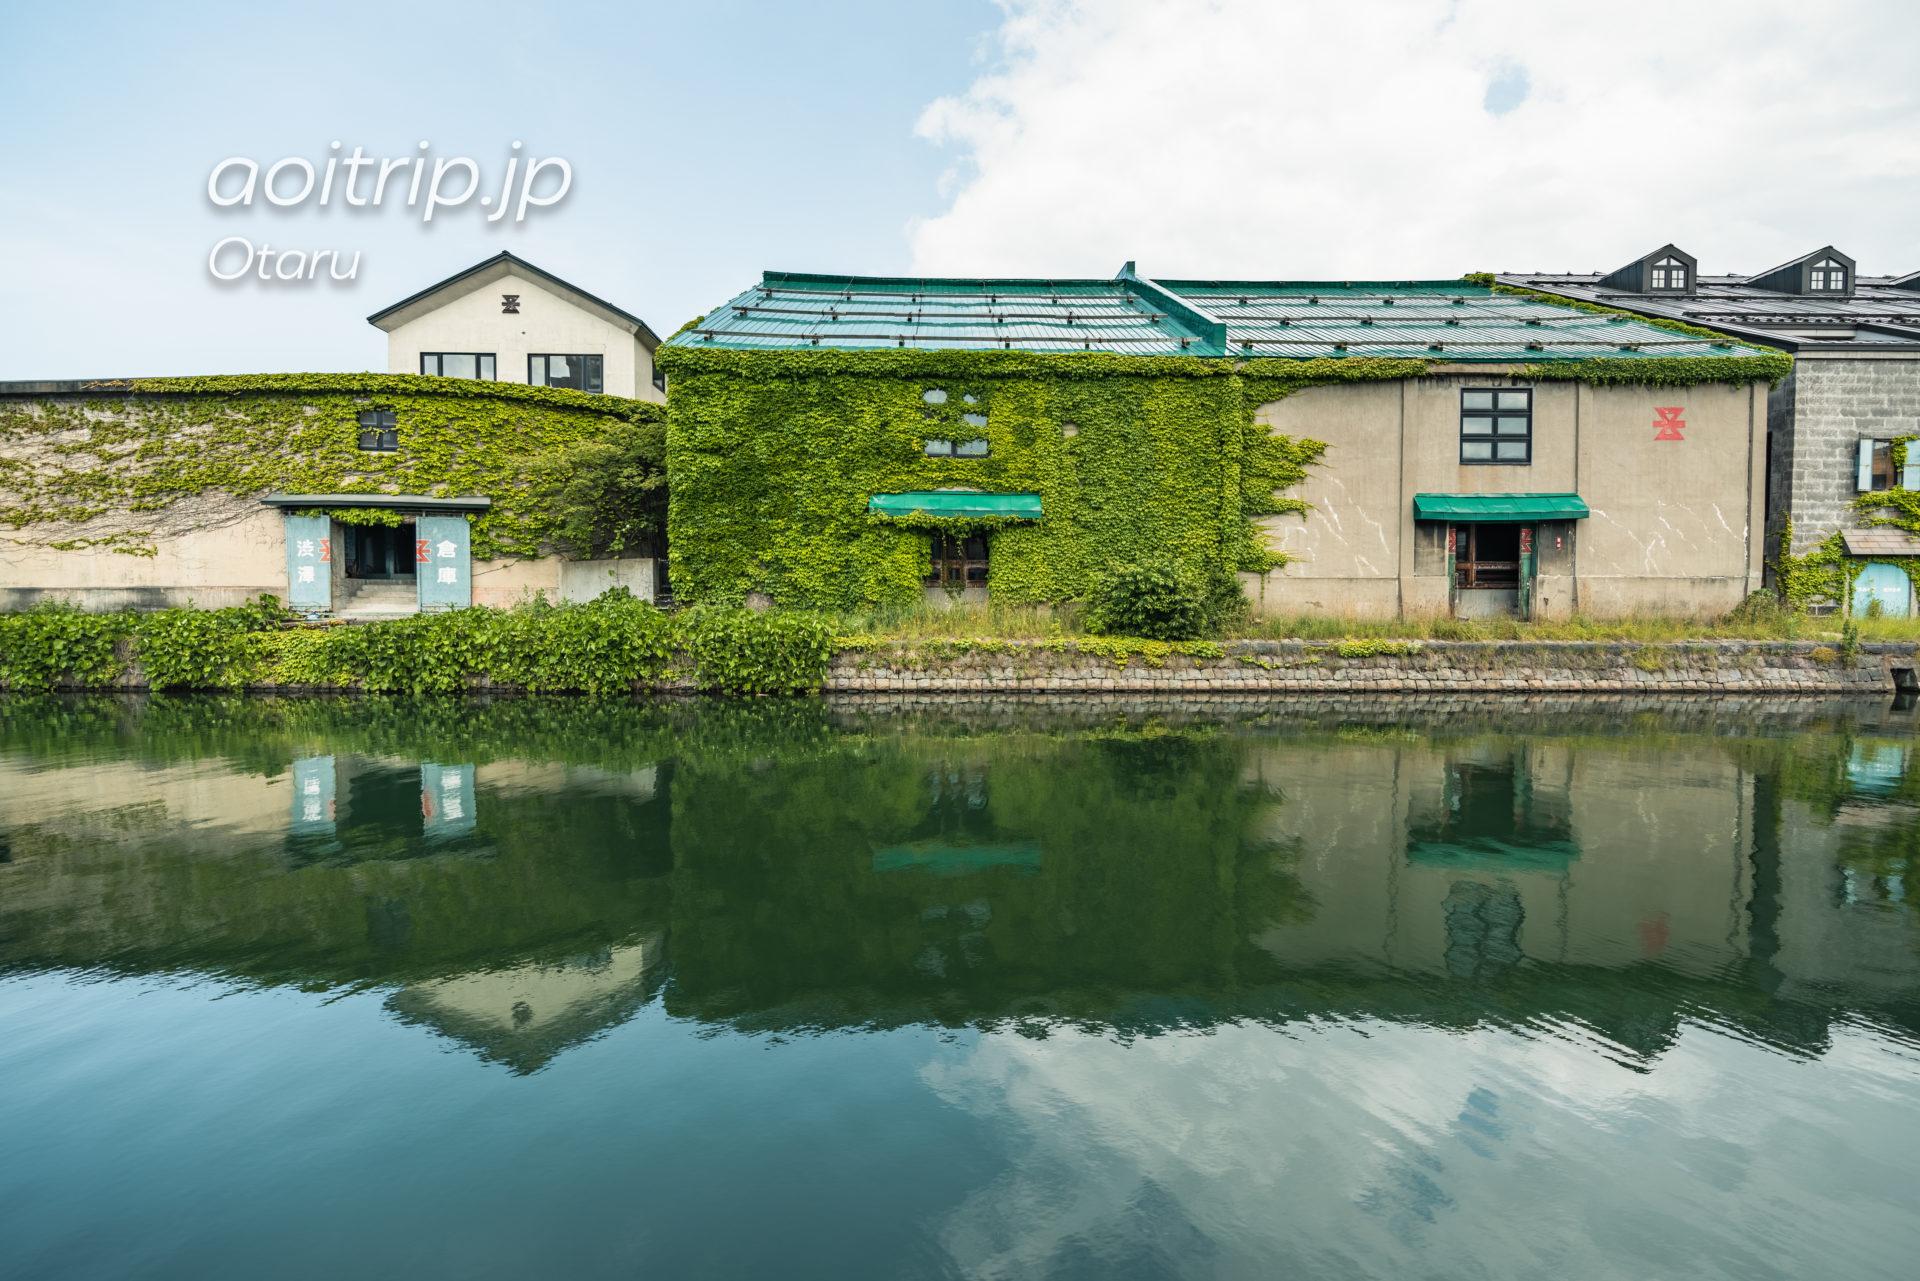 小樽運河の倉庫群 Otaru Canal